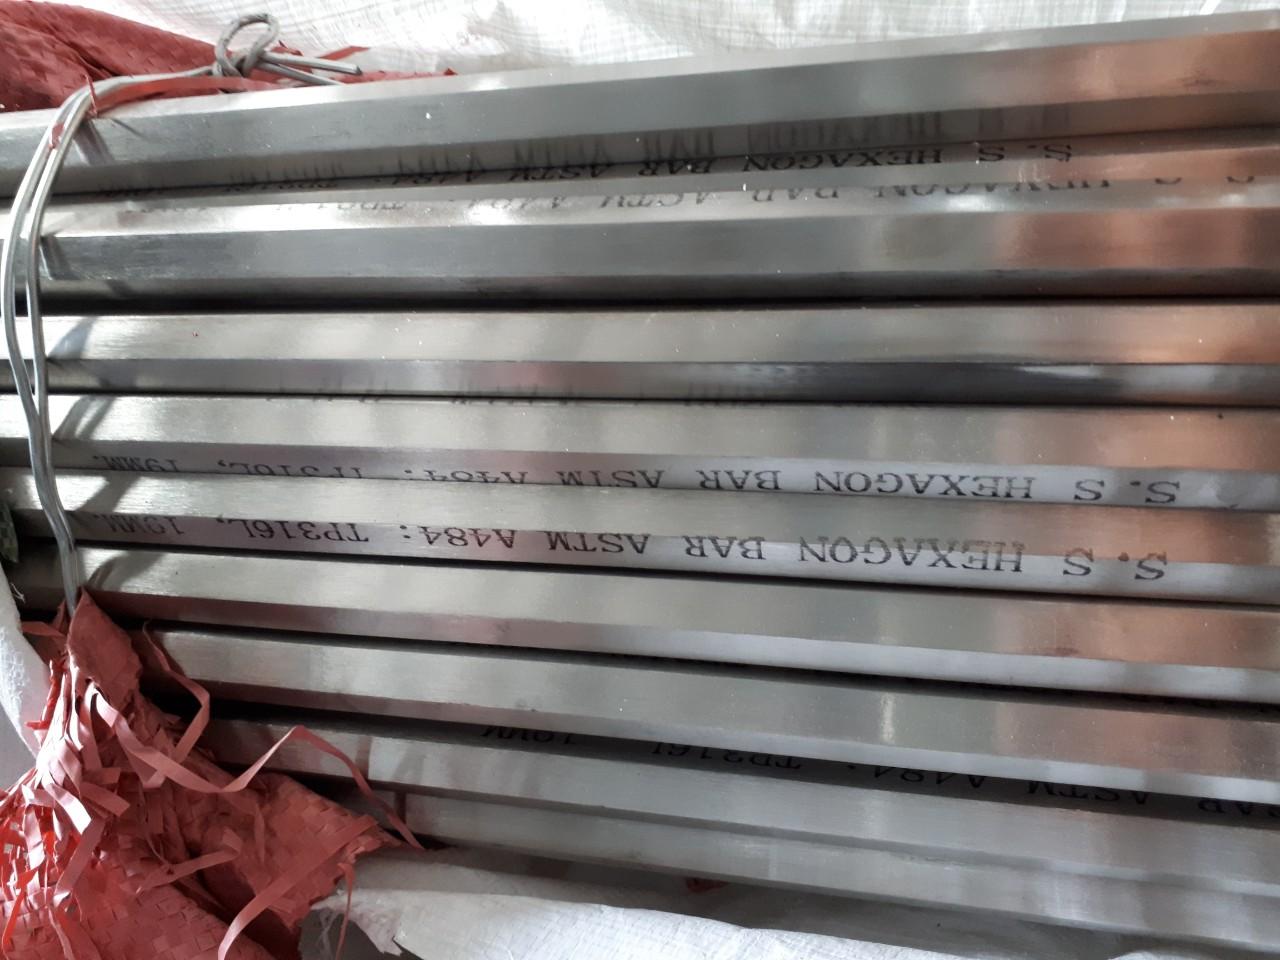 Lưu ý về đặc tính của thép Inox 316 so với các loại mác thép khác